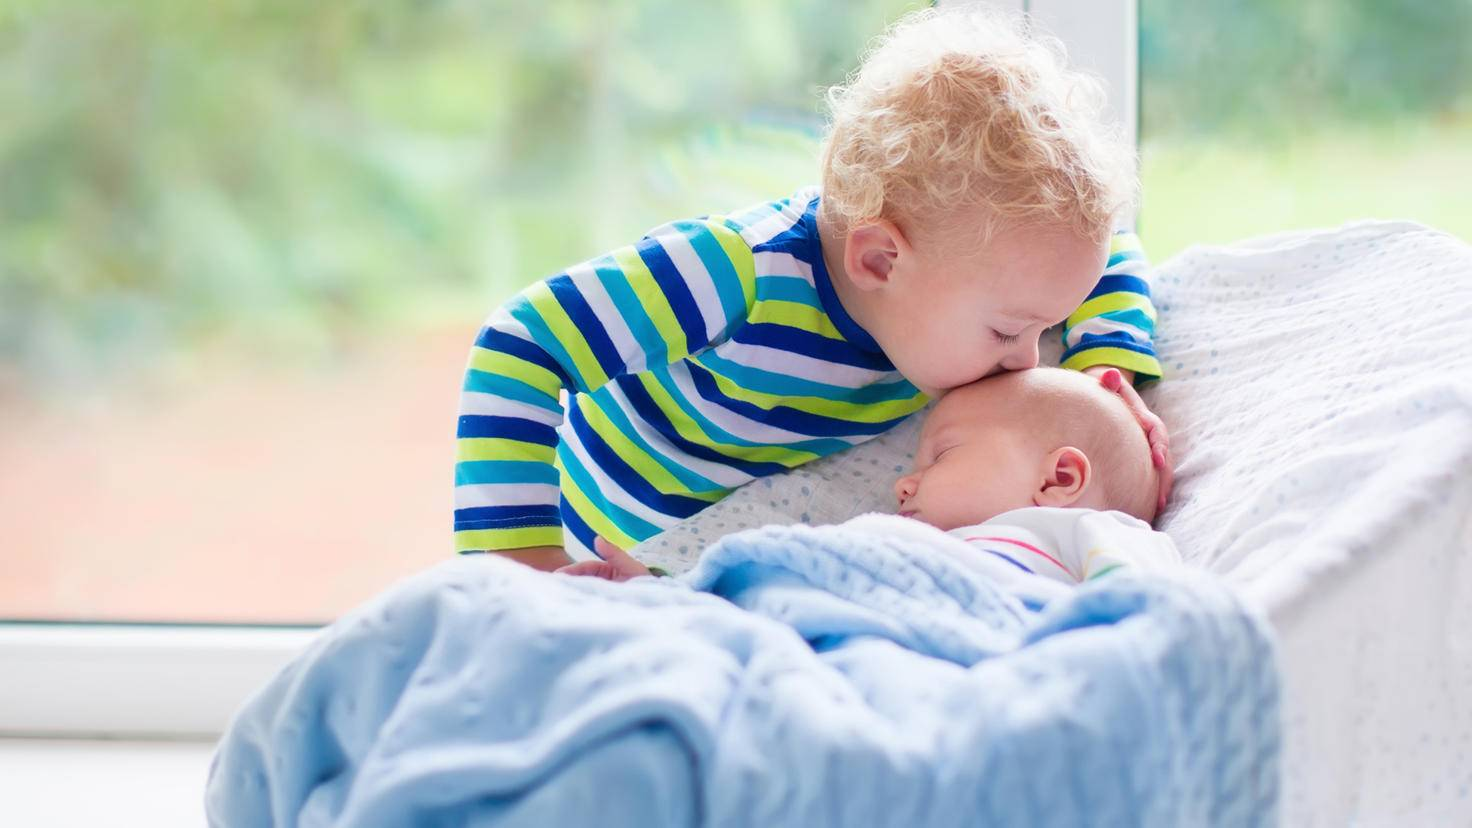 Baby-FamVeld-ThinkstockPhotos-487926104